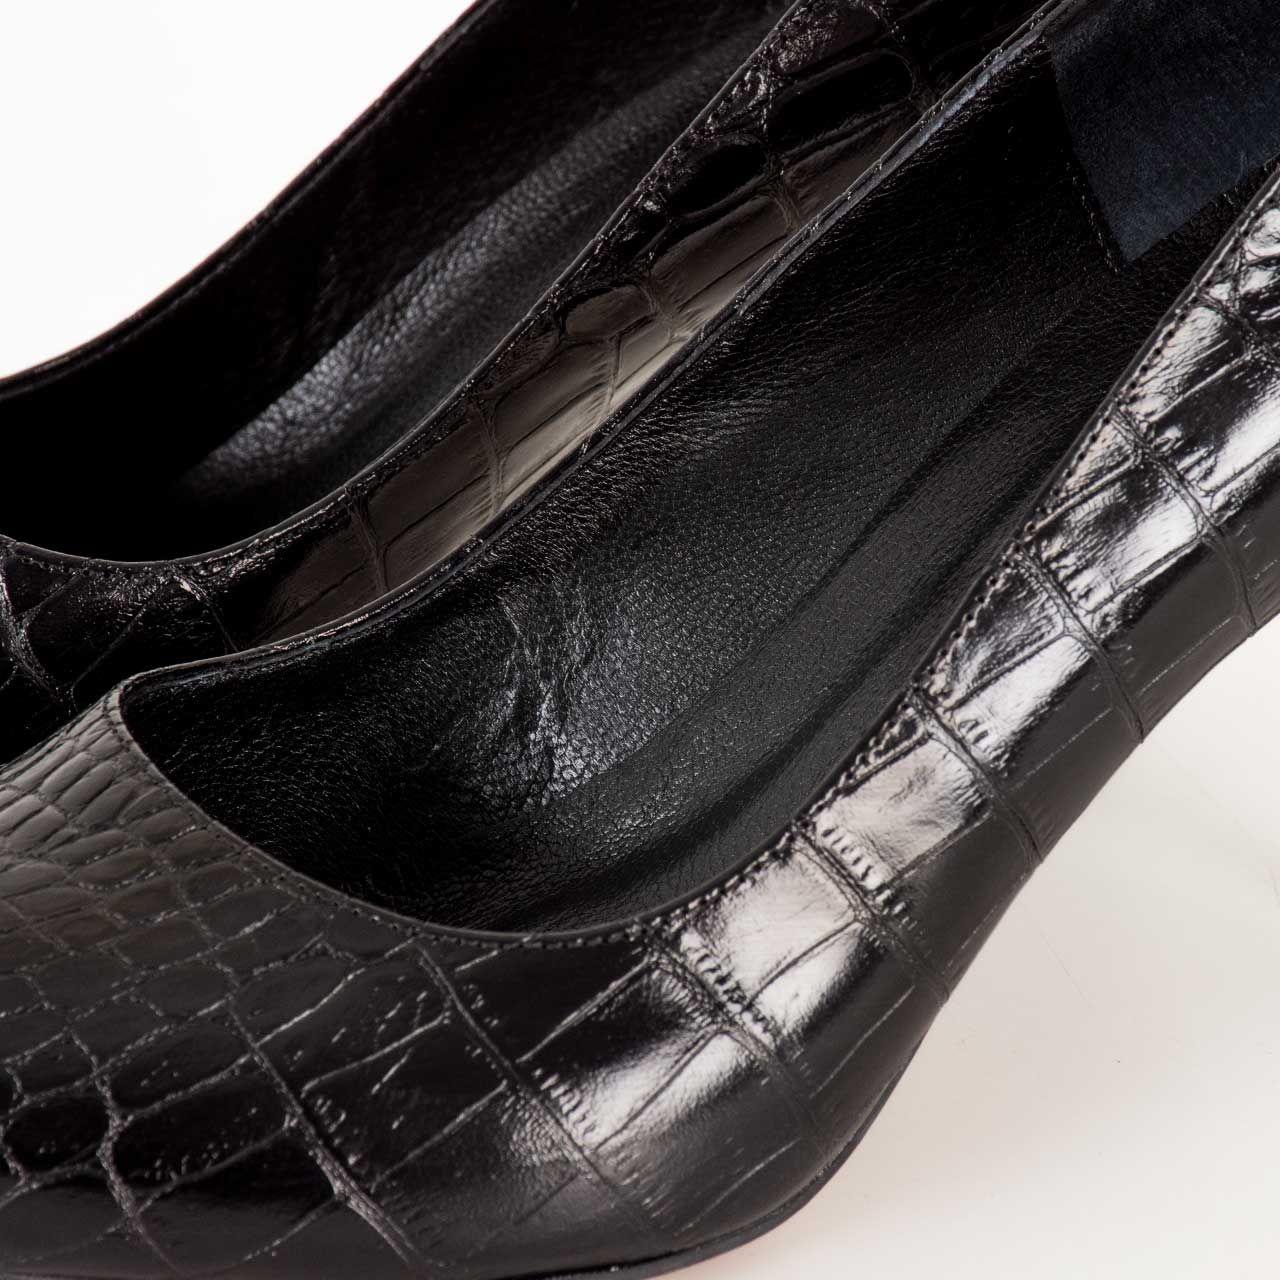 کفش زنانه پارینه چرم مدل Show43 -  - 5